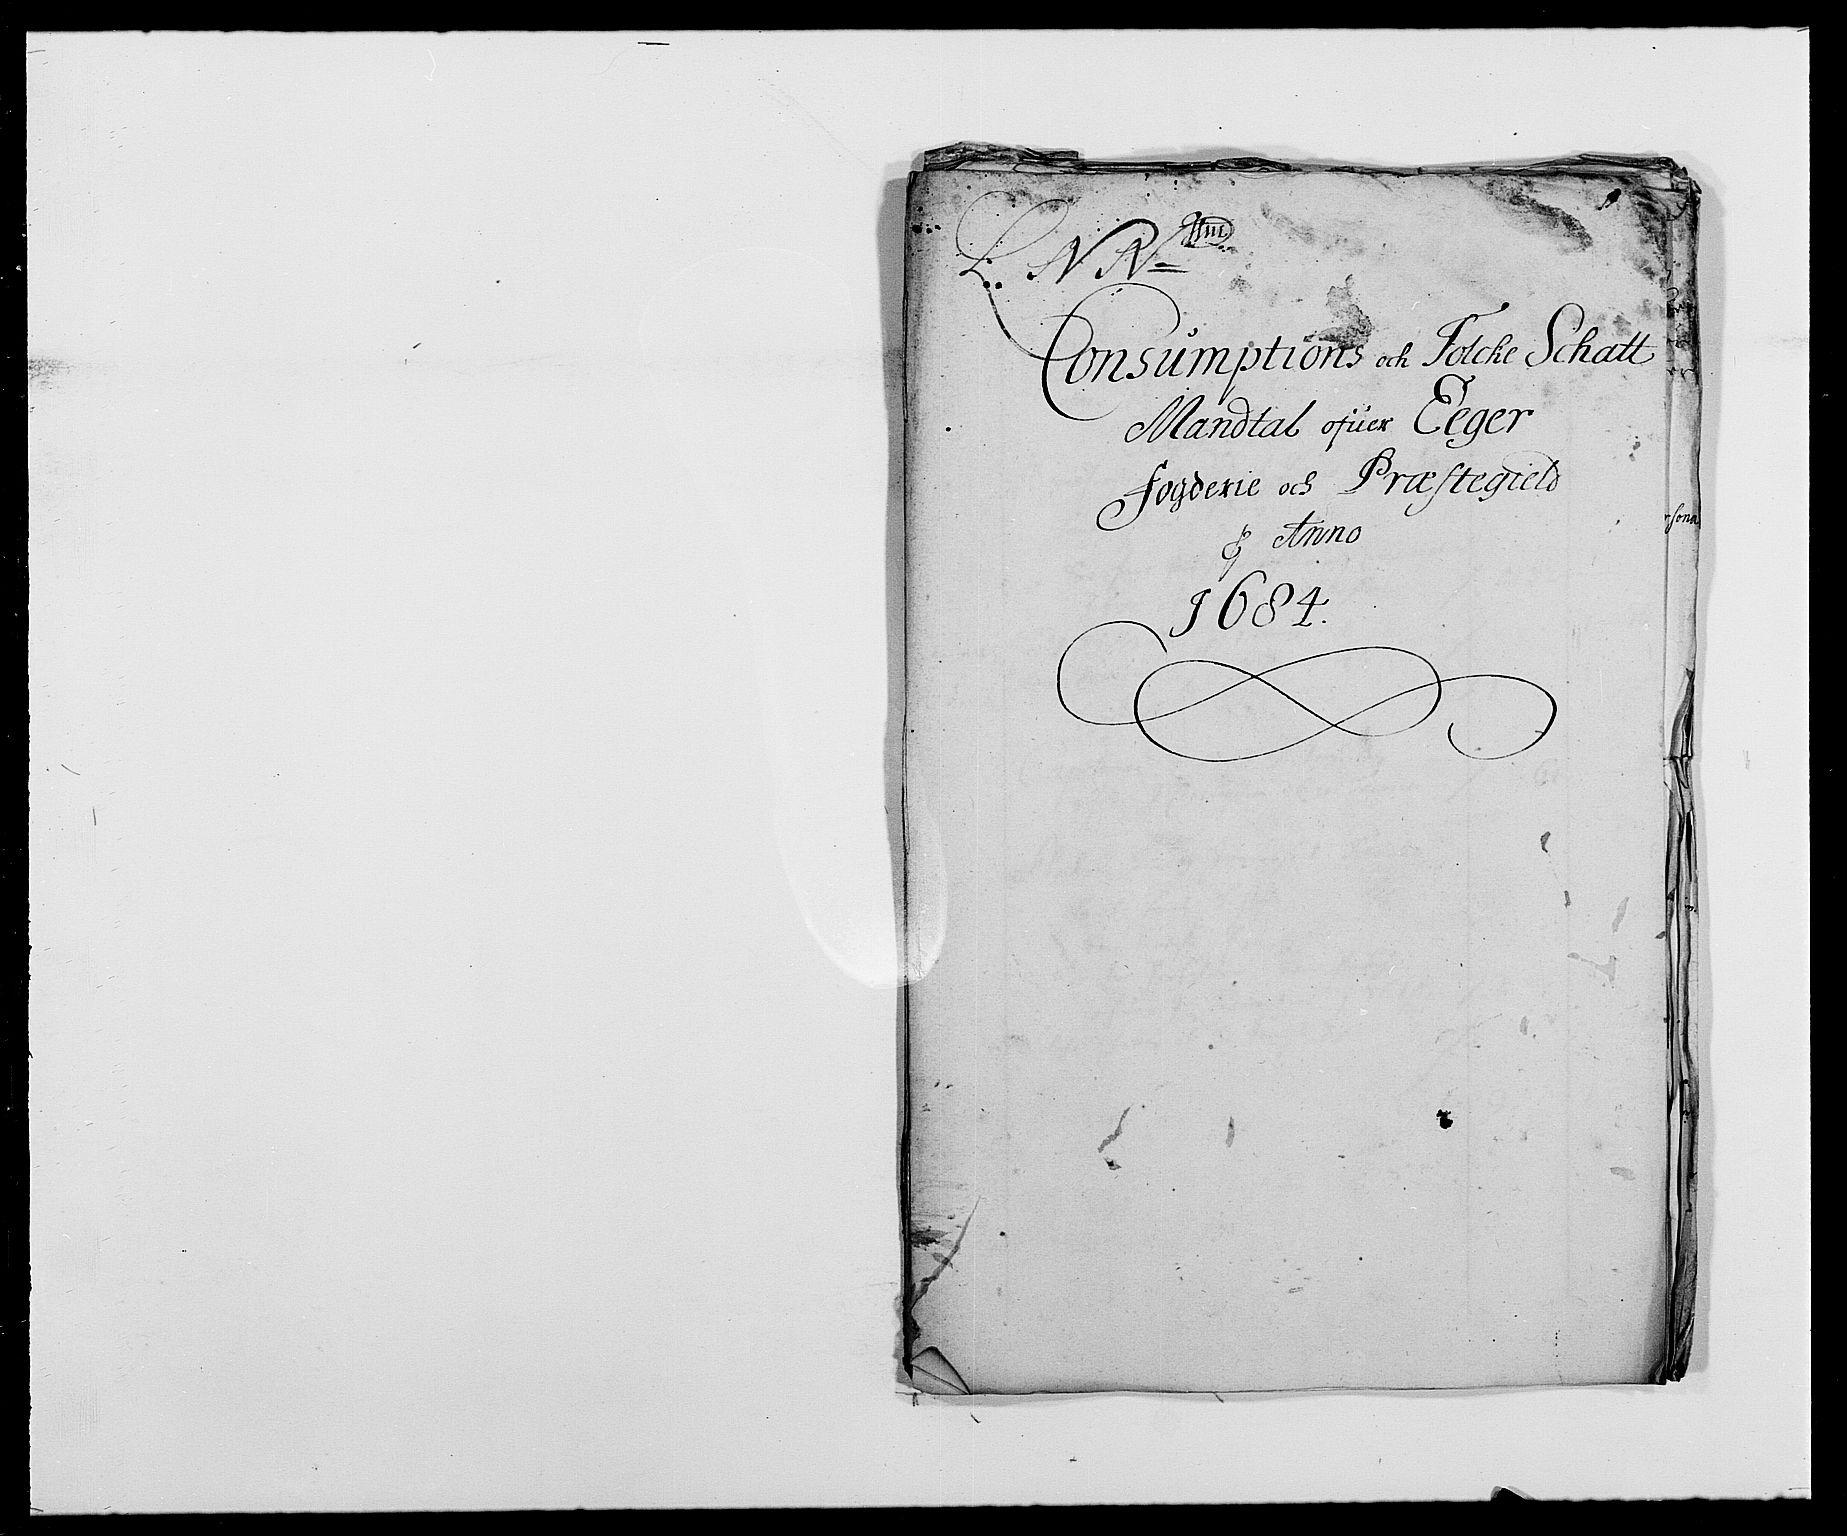 RA, Rentekammeret inntil 1814, Reviderte regnskaper, Fogderegnskap, R26/L1685: Fogderegnskap Eiker, 1679-1686, s. 42